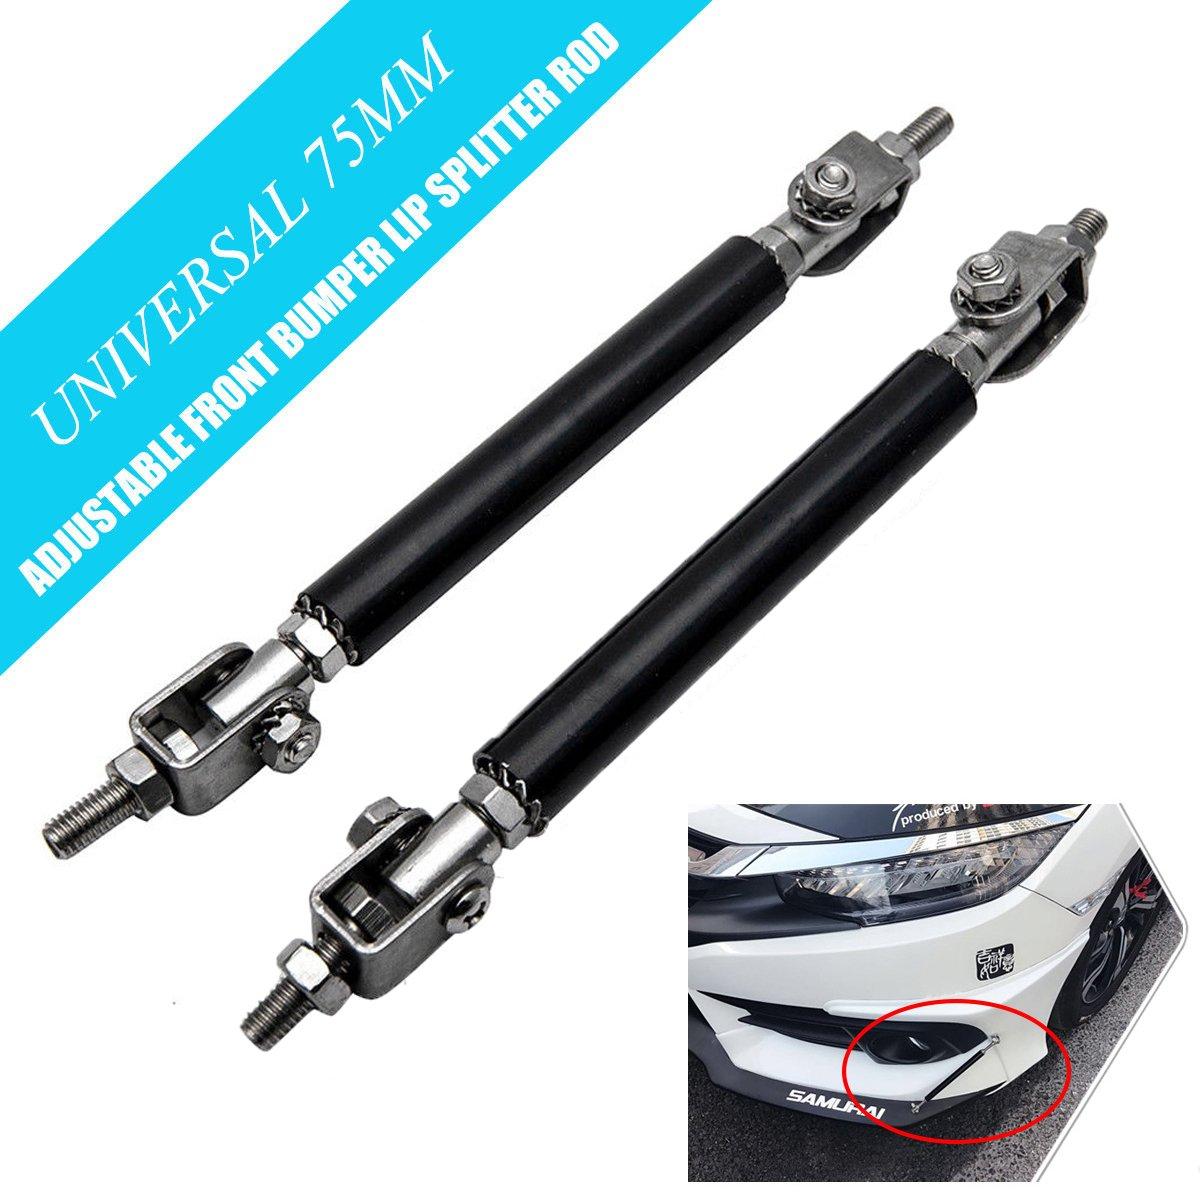 Blue Car Front Bumper MASO 2x Adjustable Car Auto Front Bumper Lip Splitter Rod Strut Tie Bar Support Tool